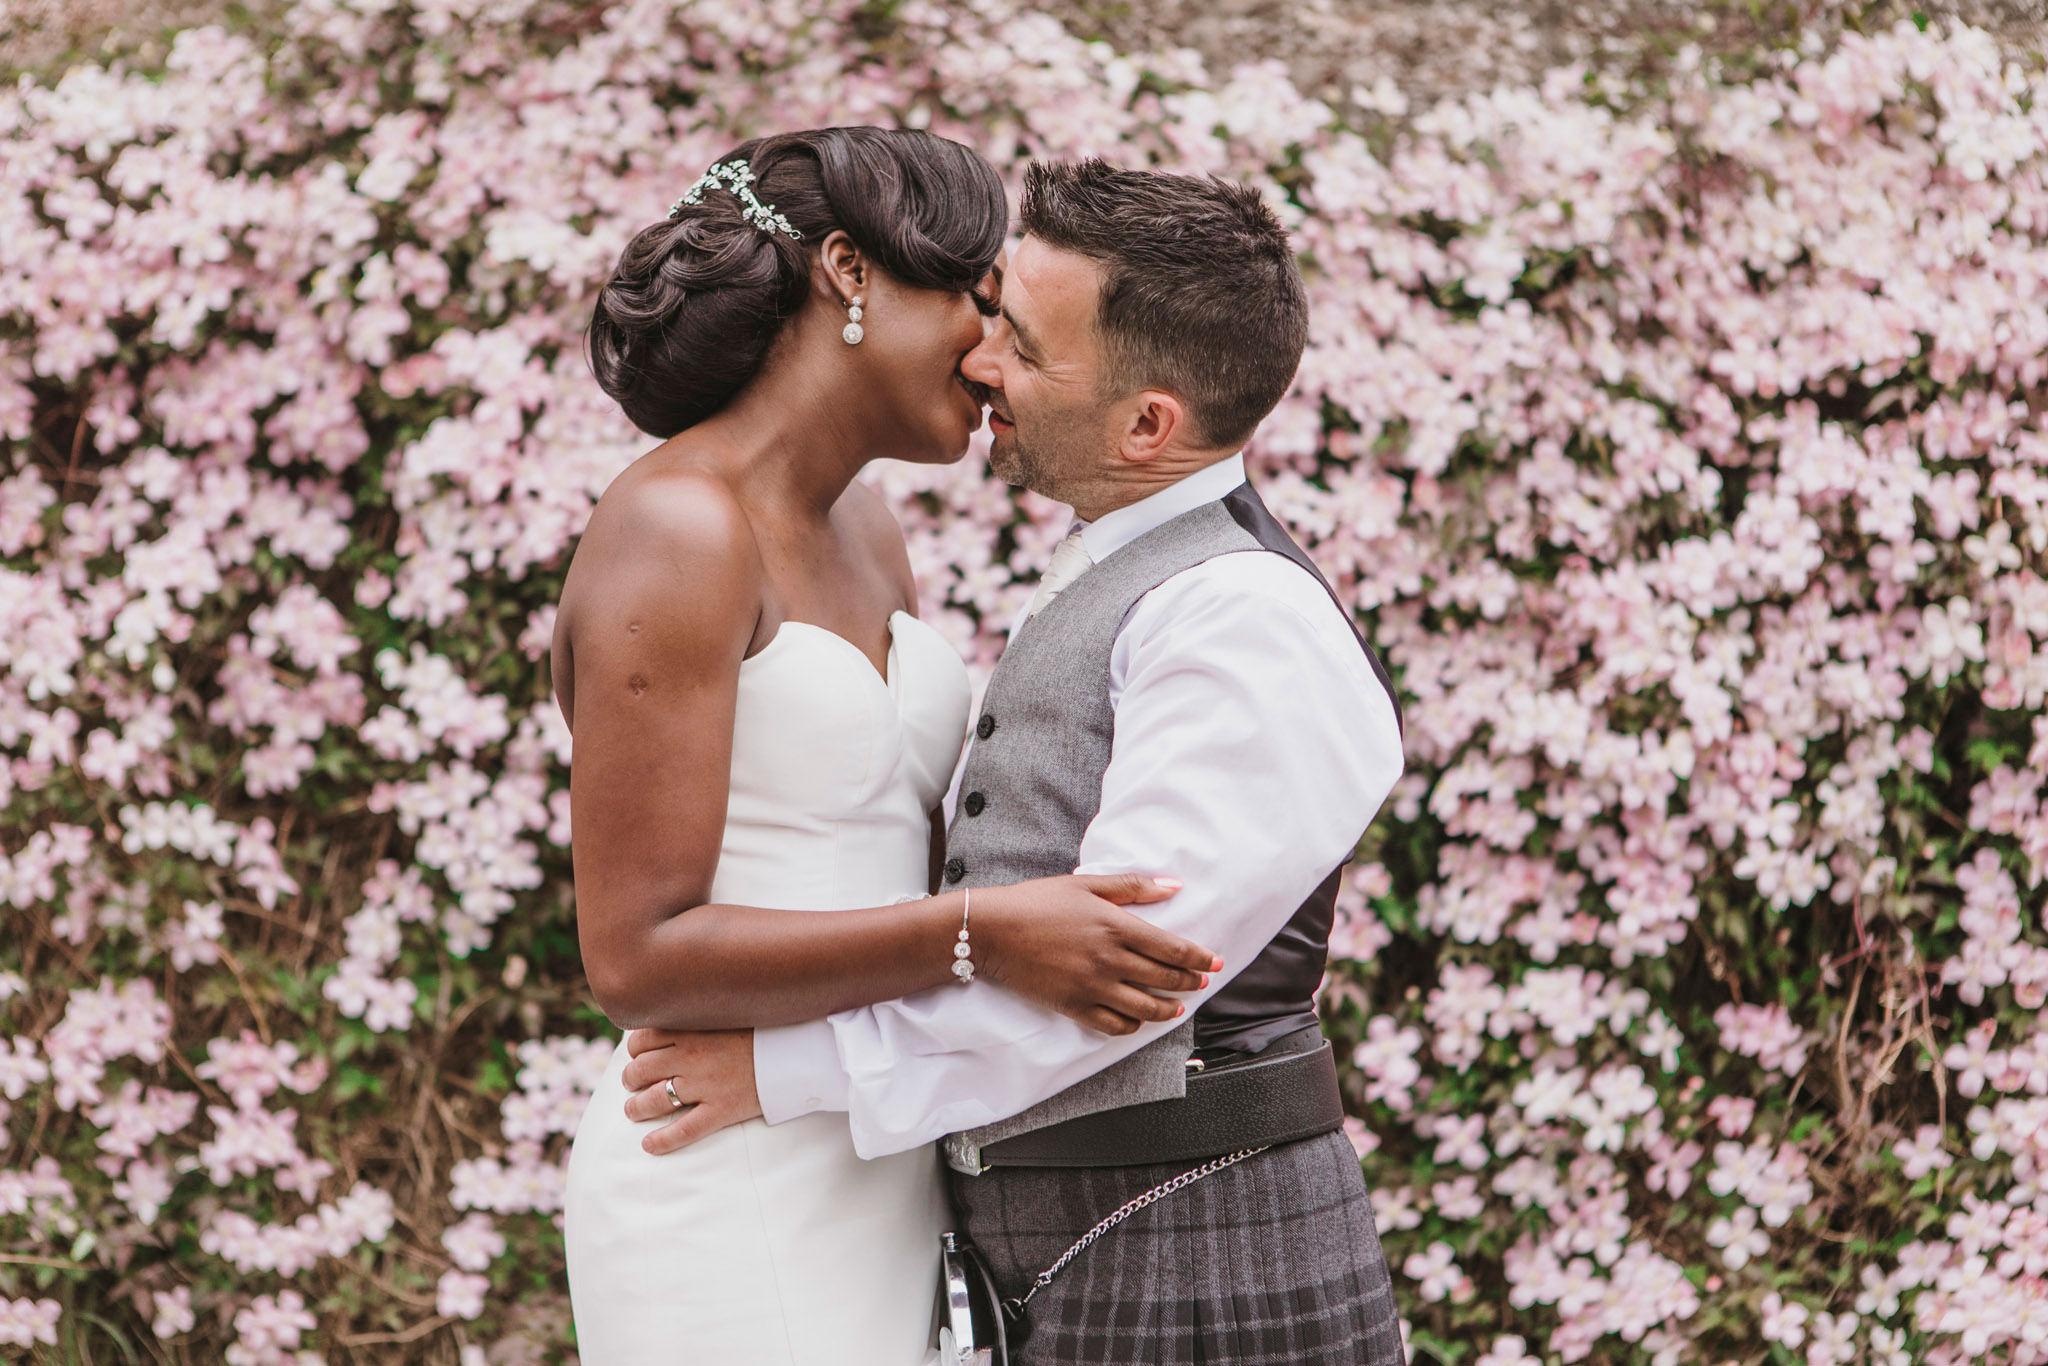 scotland-wedding-elopement-photographer-048.jpg